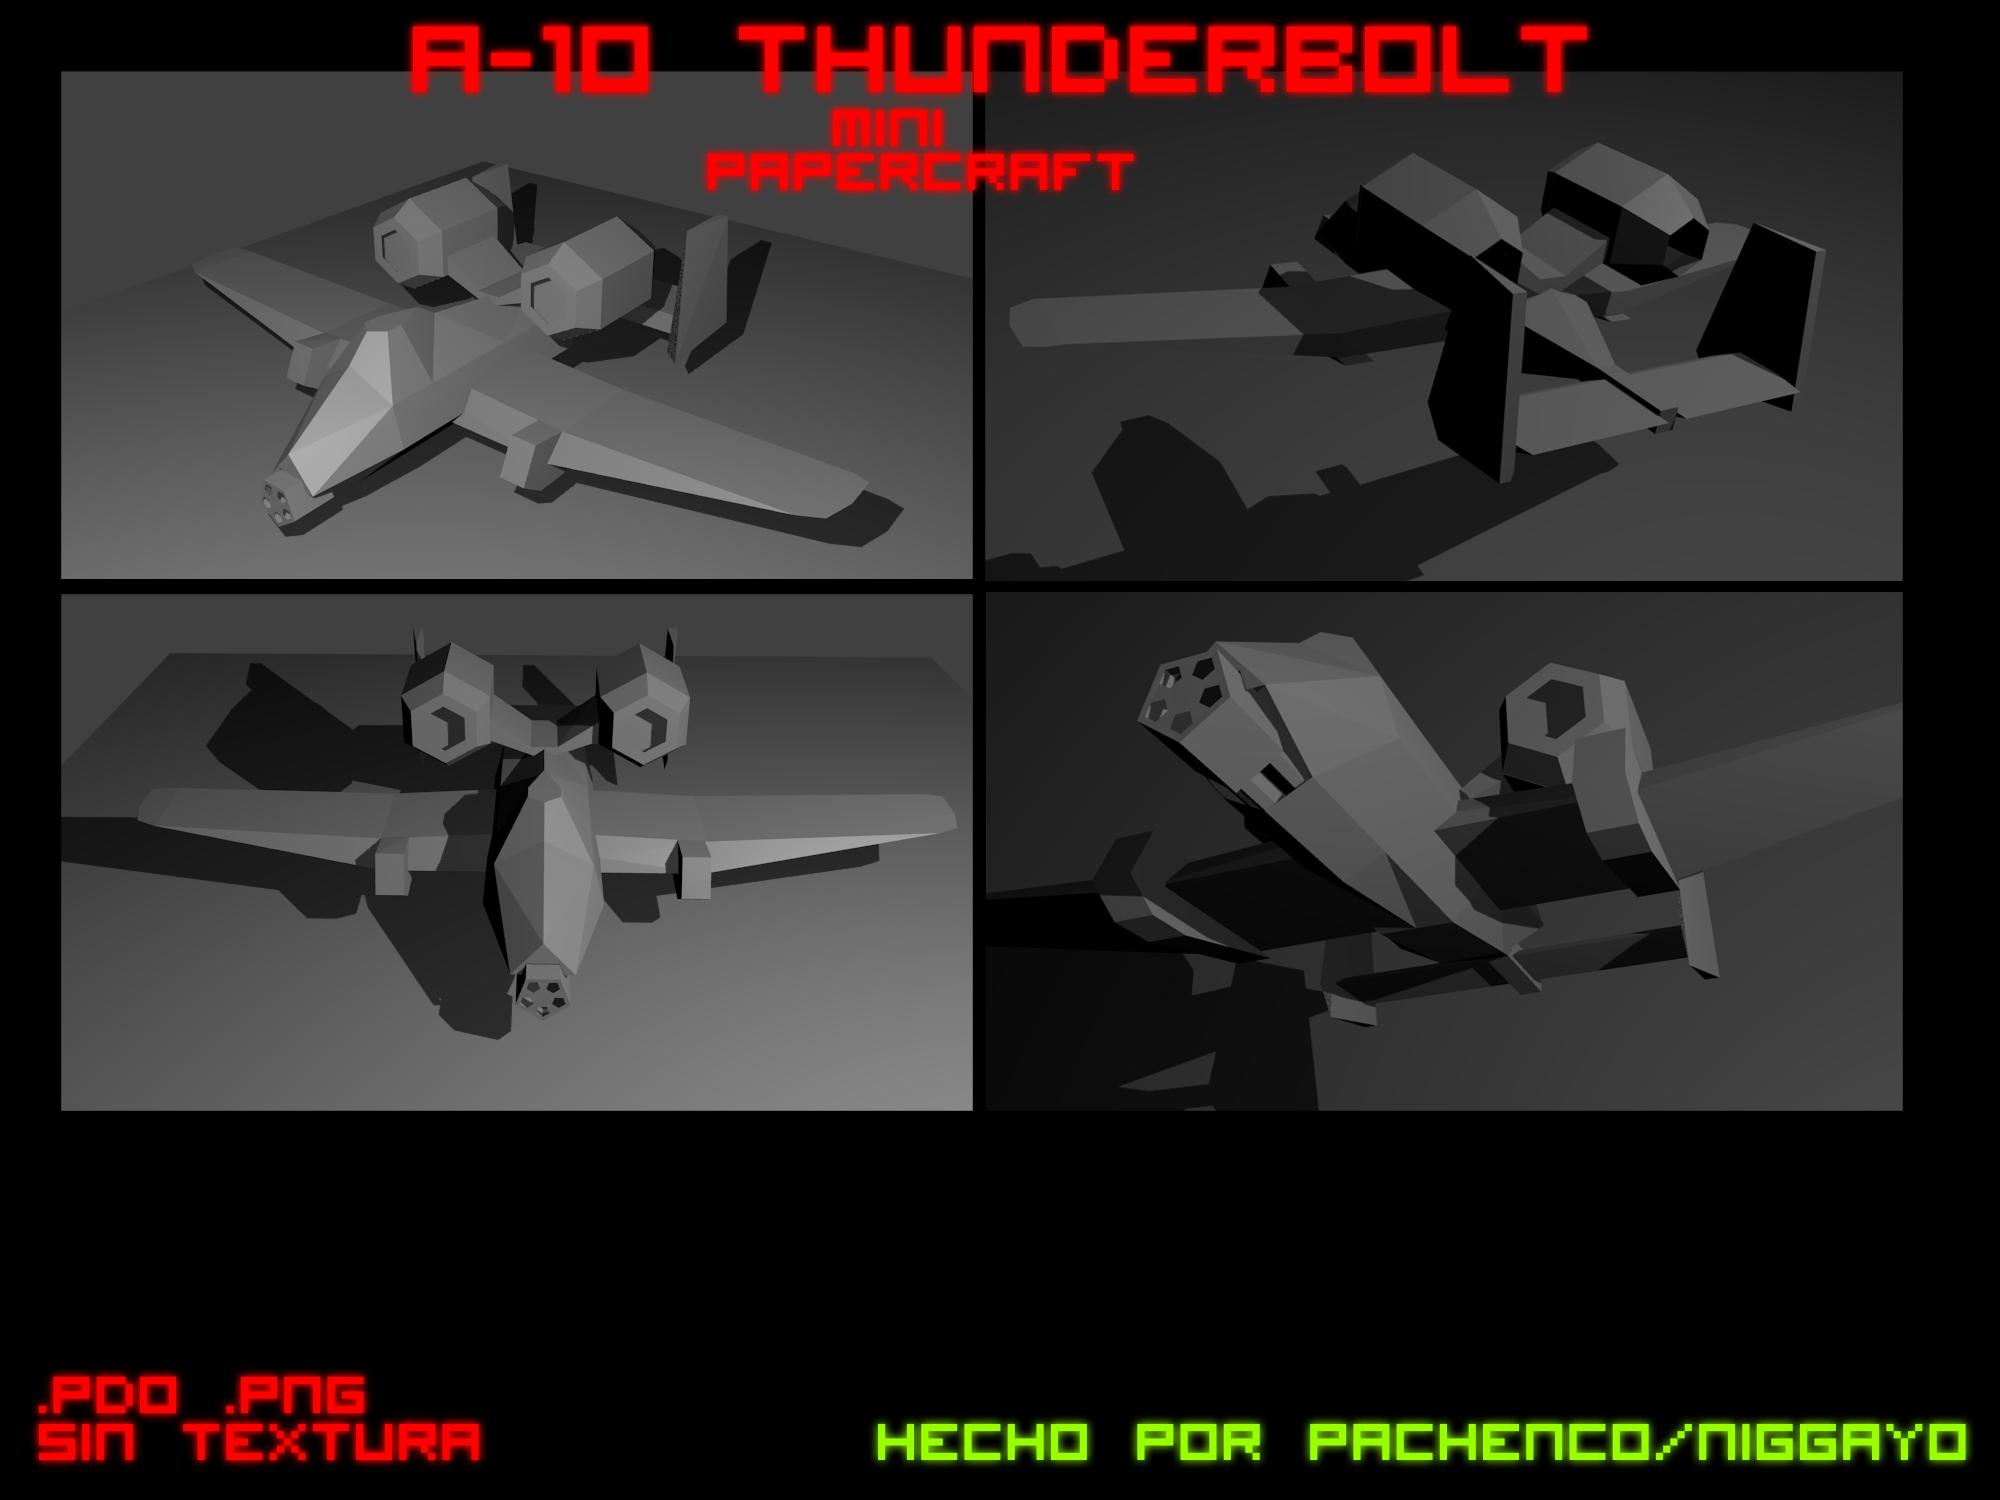 A-10 Thunderbolt Mini Papercraft